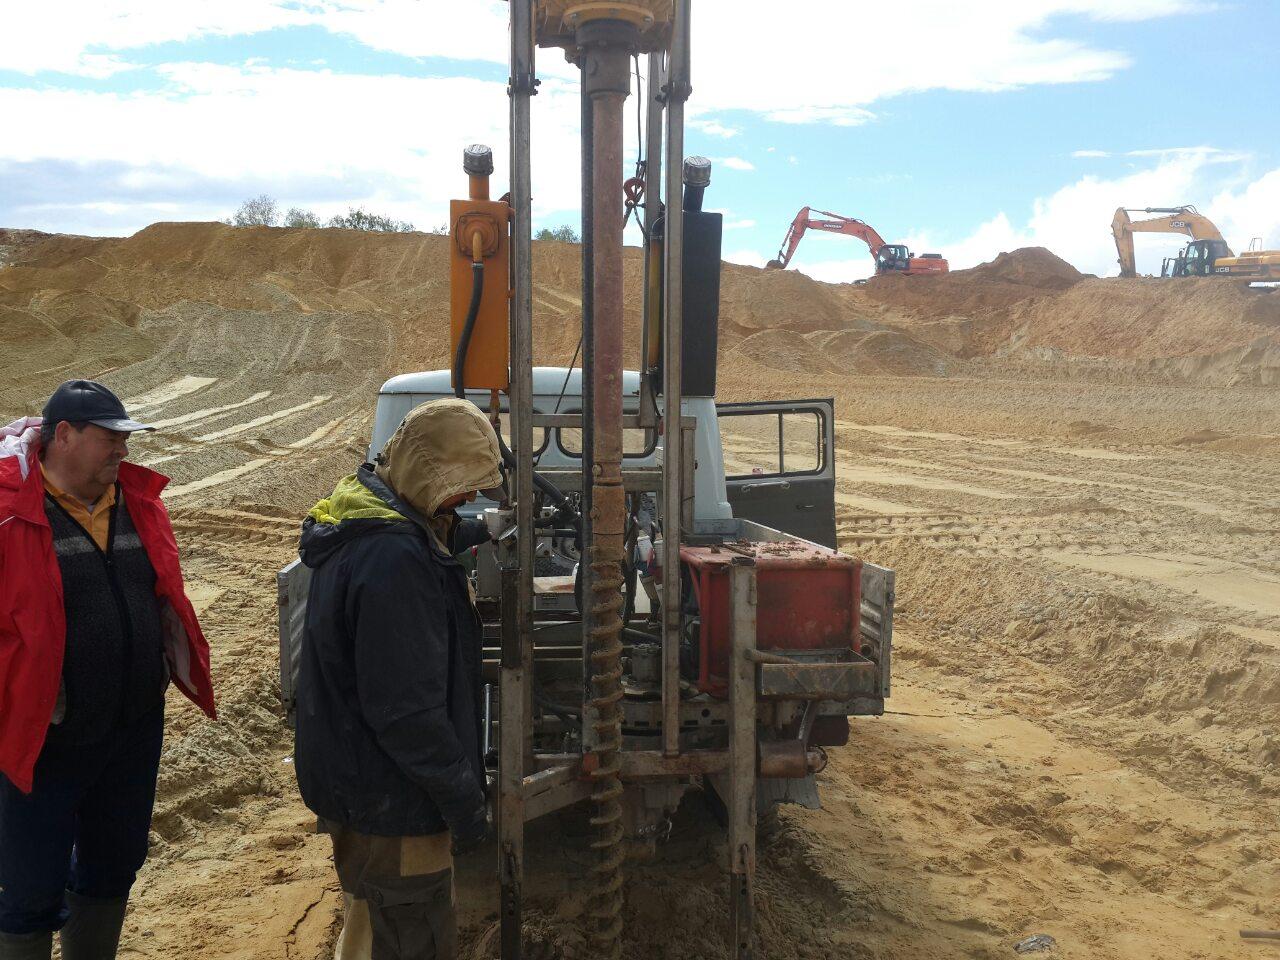 Инженерно-геологические изыскания для строительства: важность услуги при возведении объектов